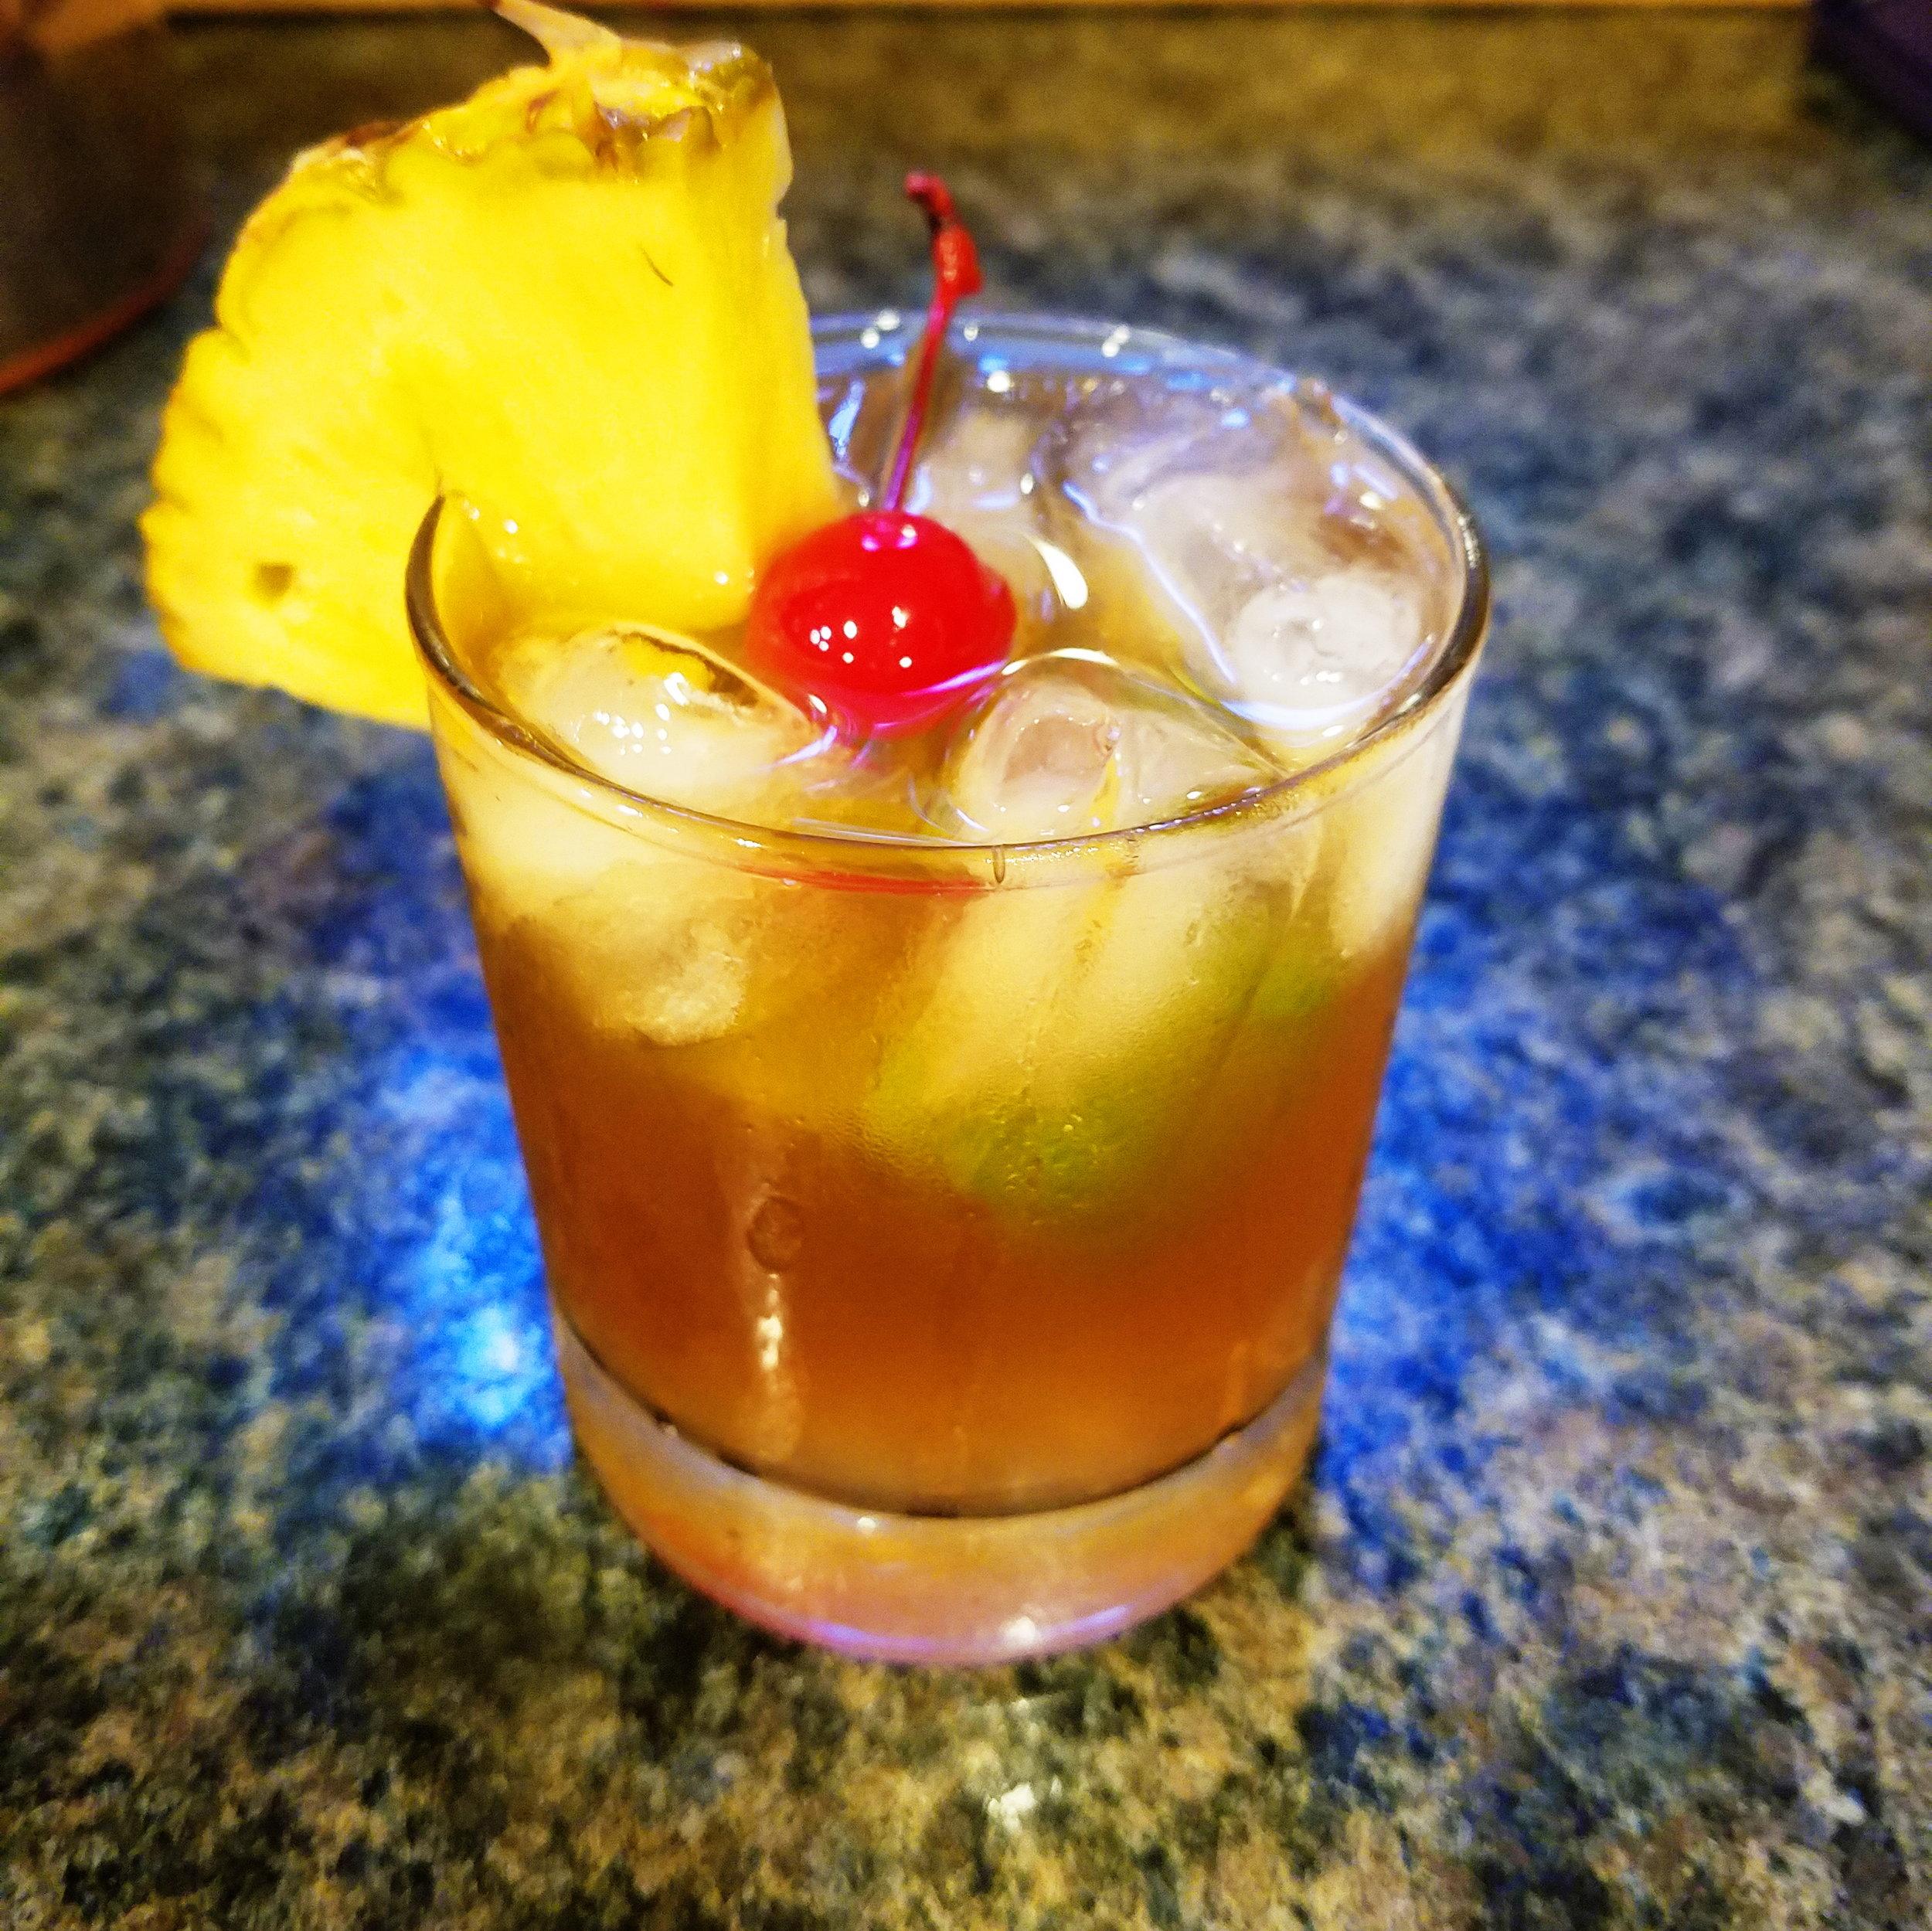 weekend beverages. Weekend beverages are definitely preferred!